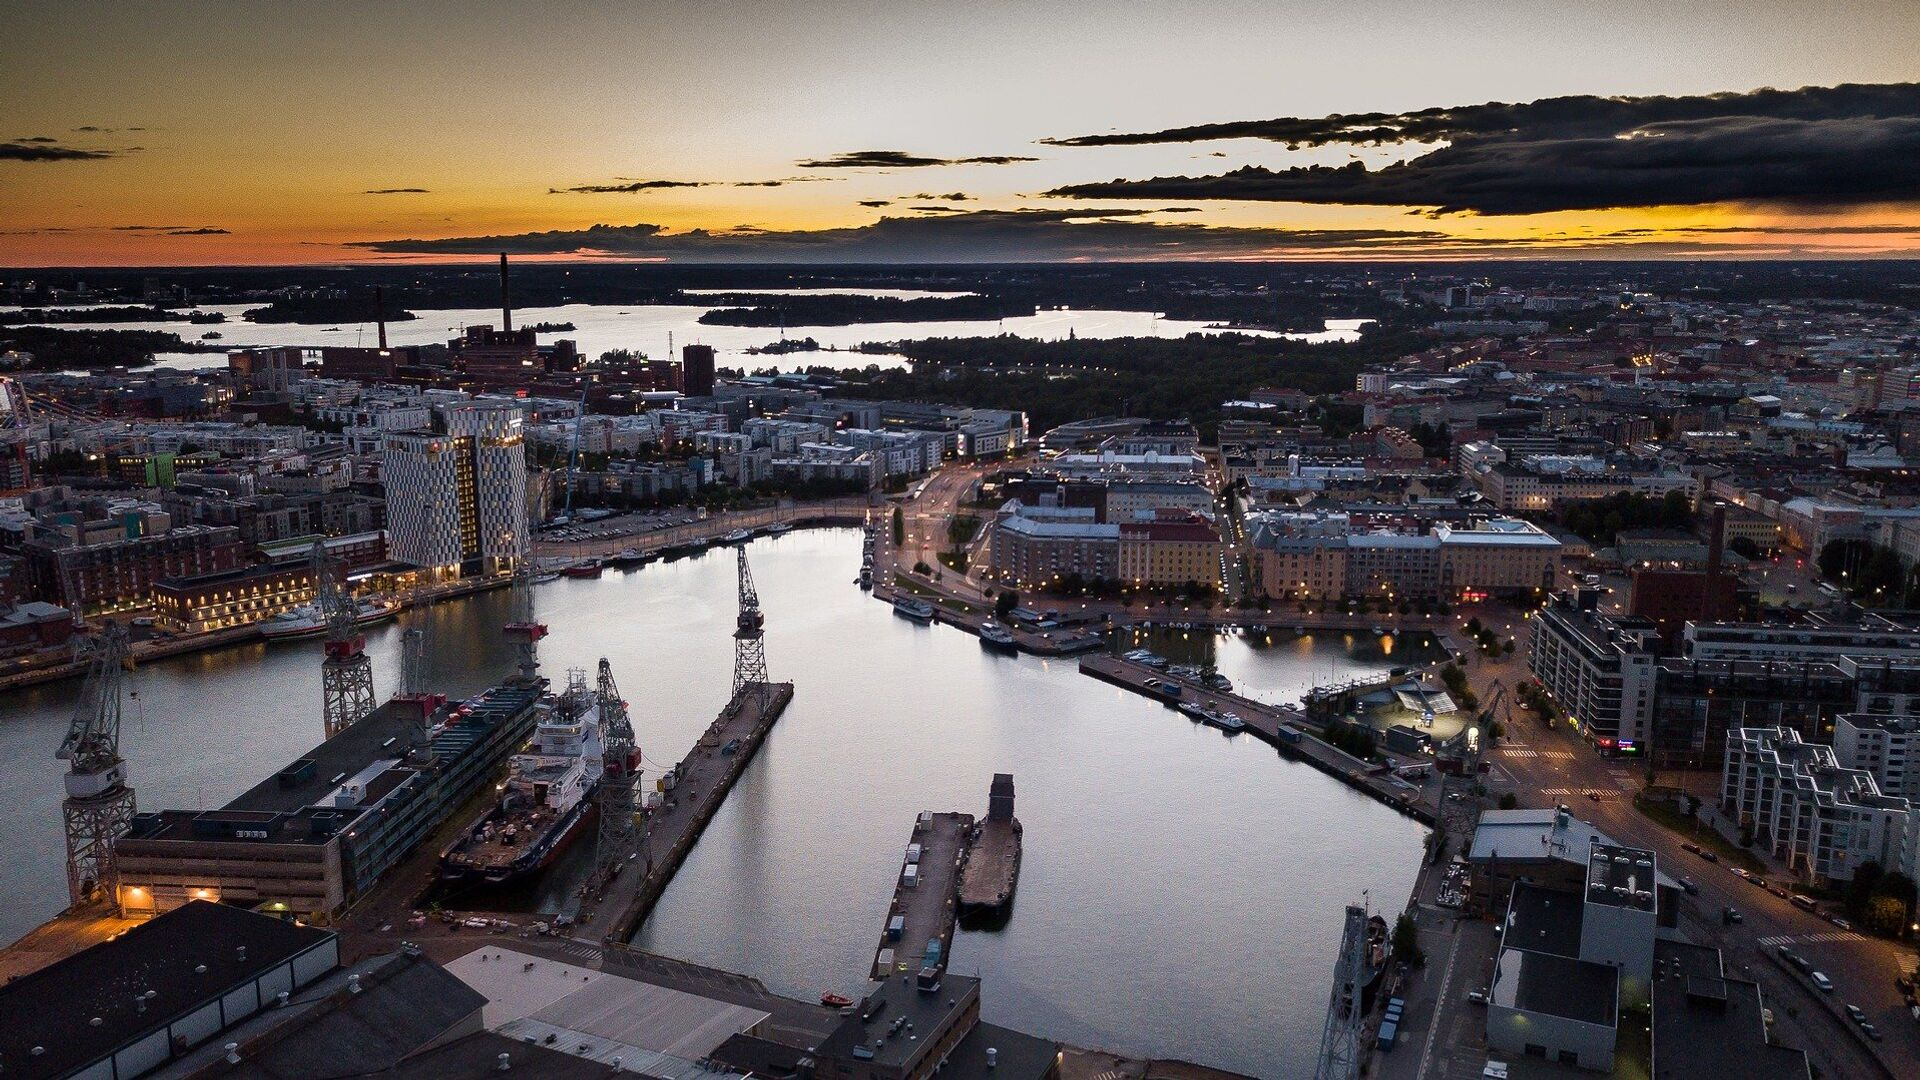 Ciudad de Helsinki, Finlandia - Sputnik Mundo, 1920, 19.03.2021